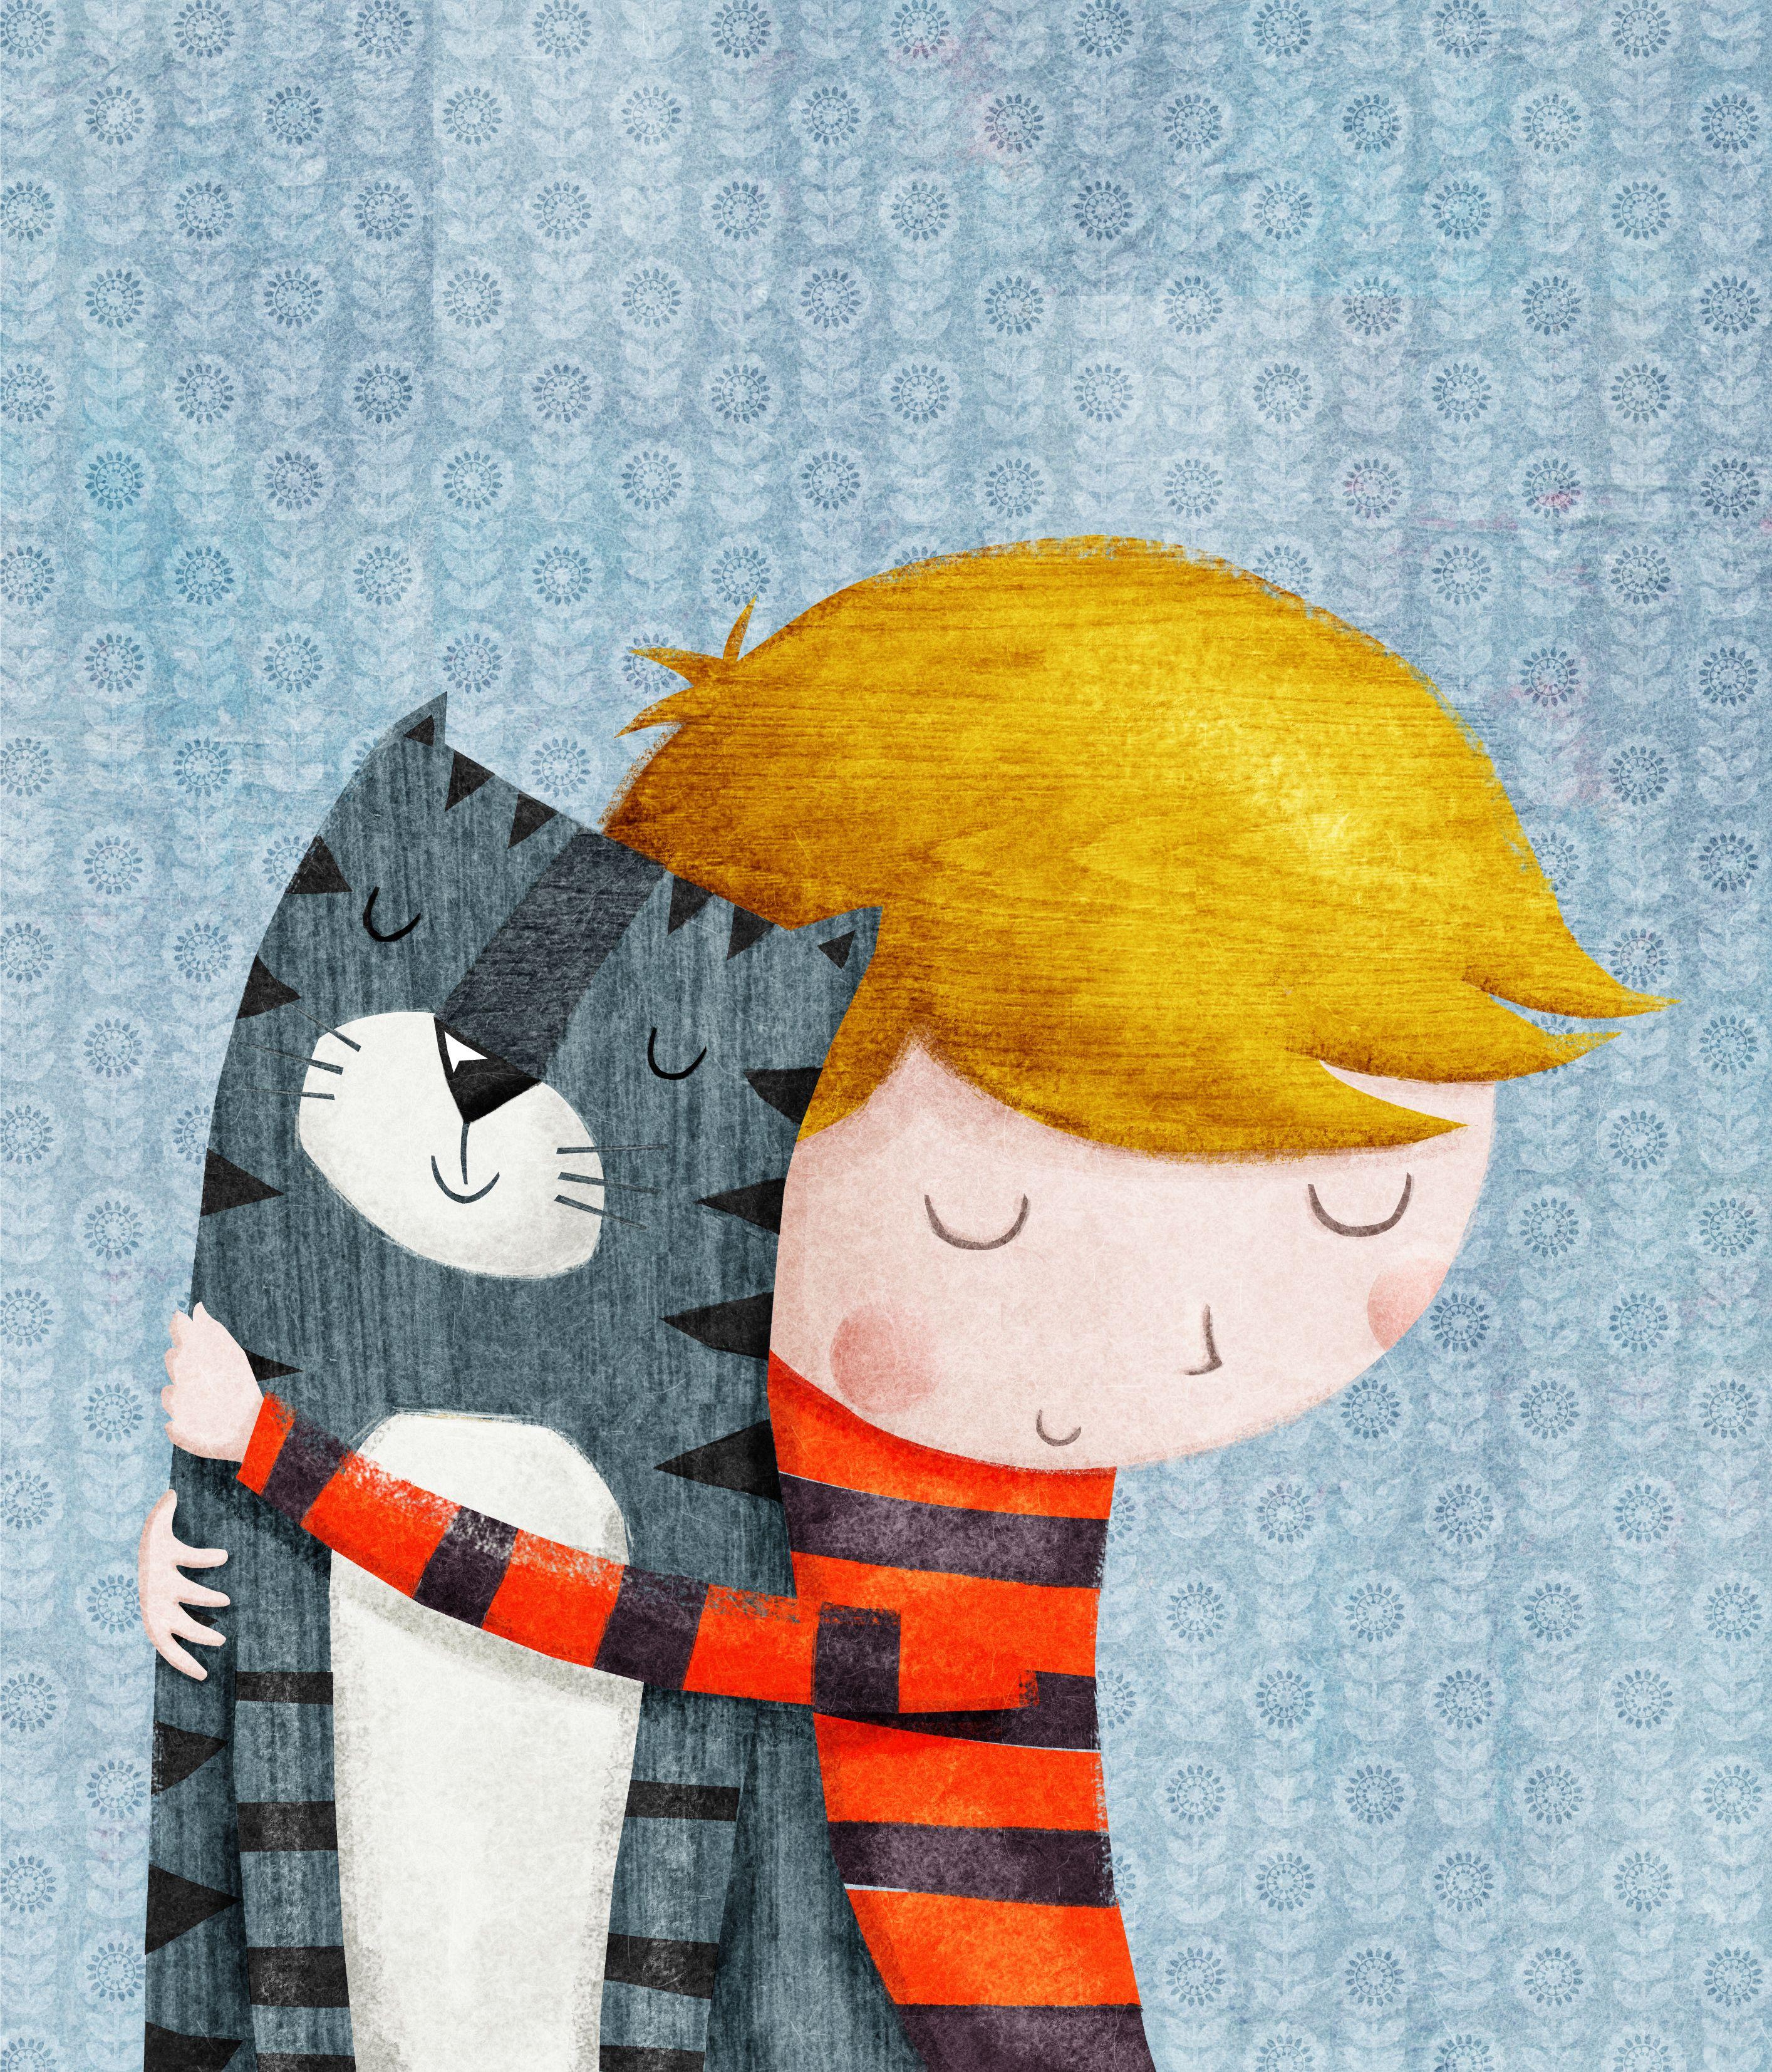 Aforismi Sugli Abbracci Abbracci Immagini